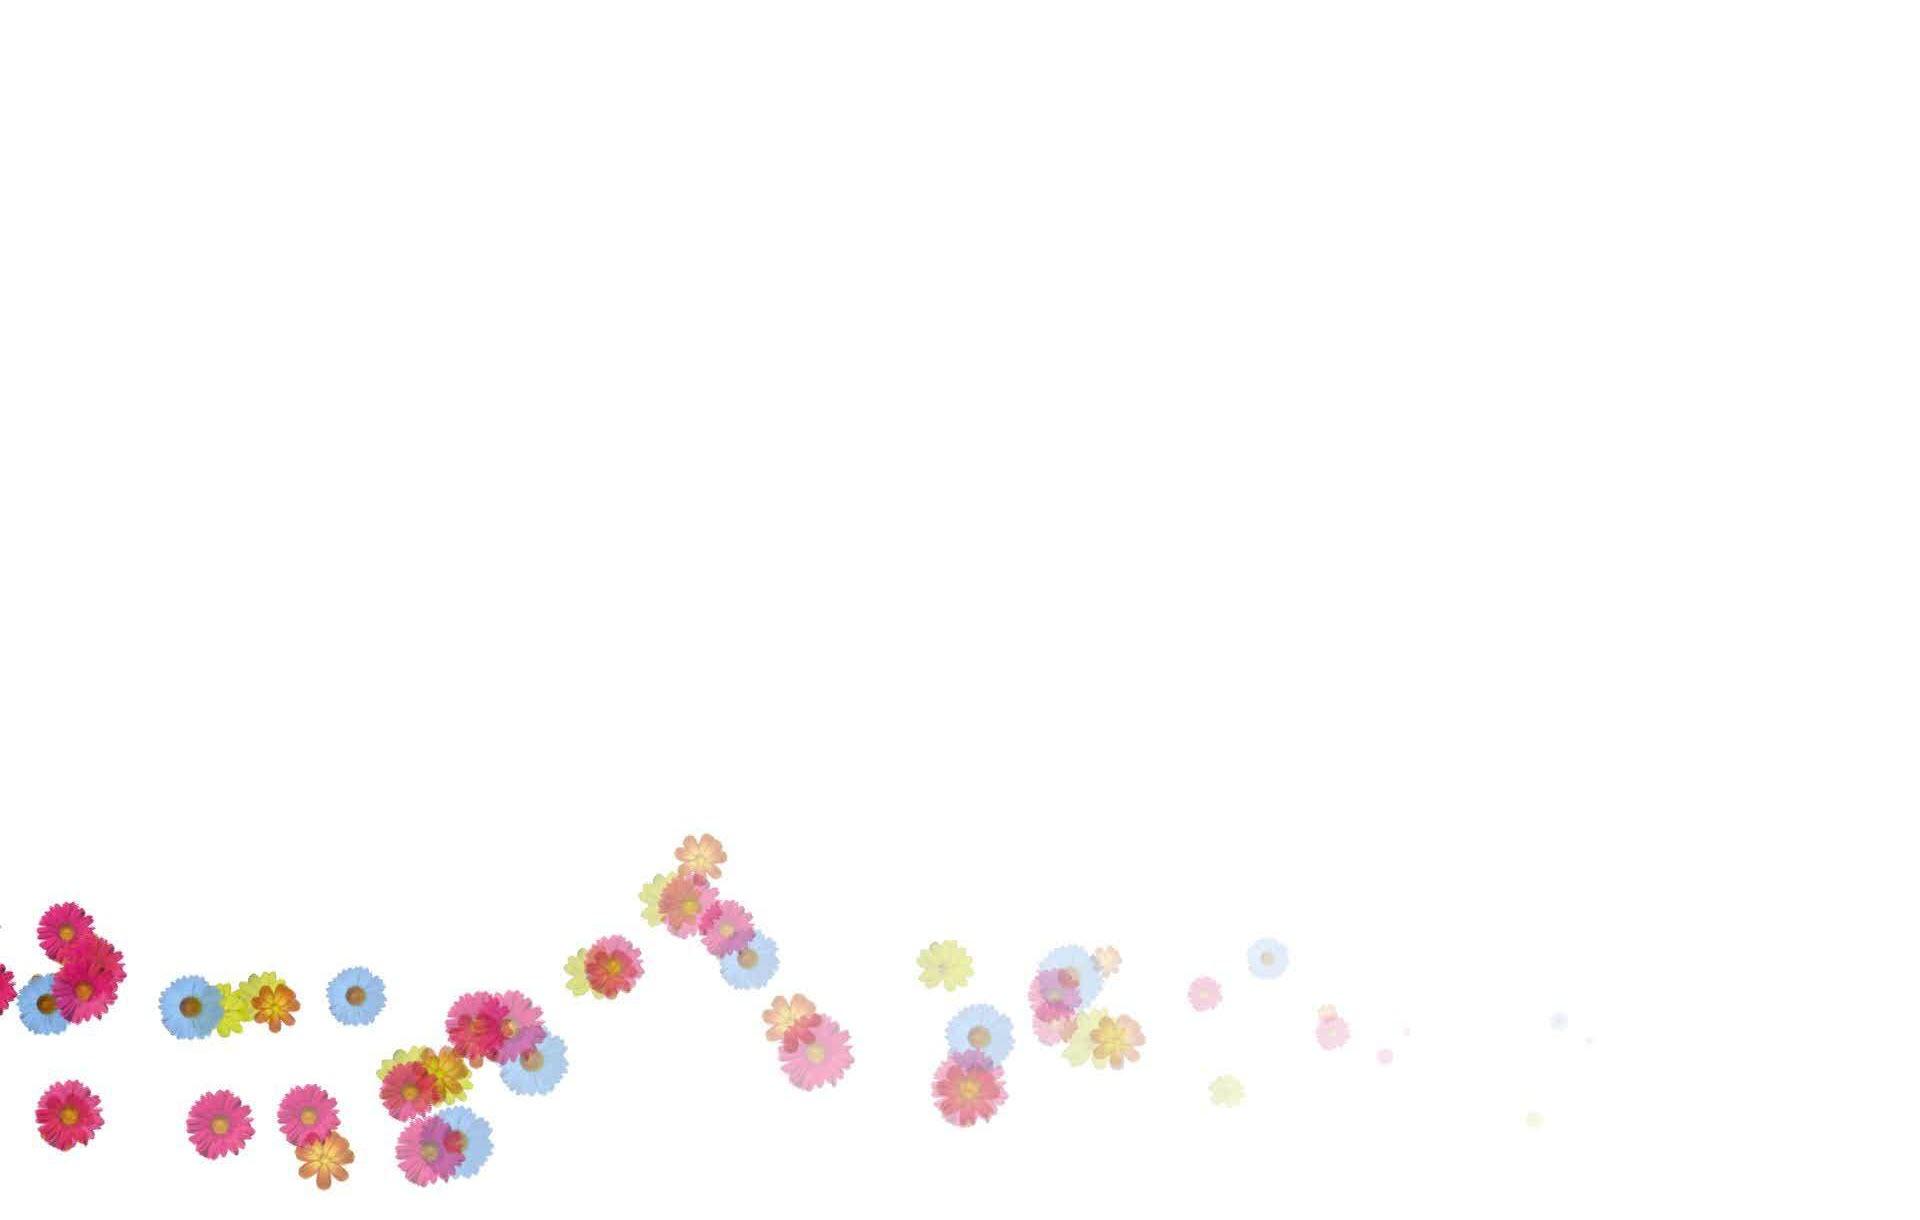 Hình nền trắng đẹp (5)